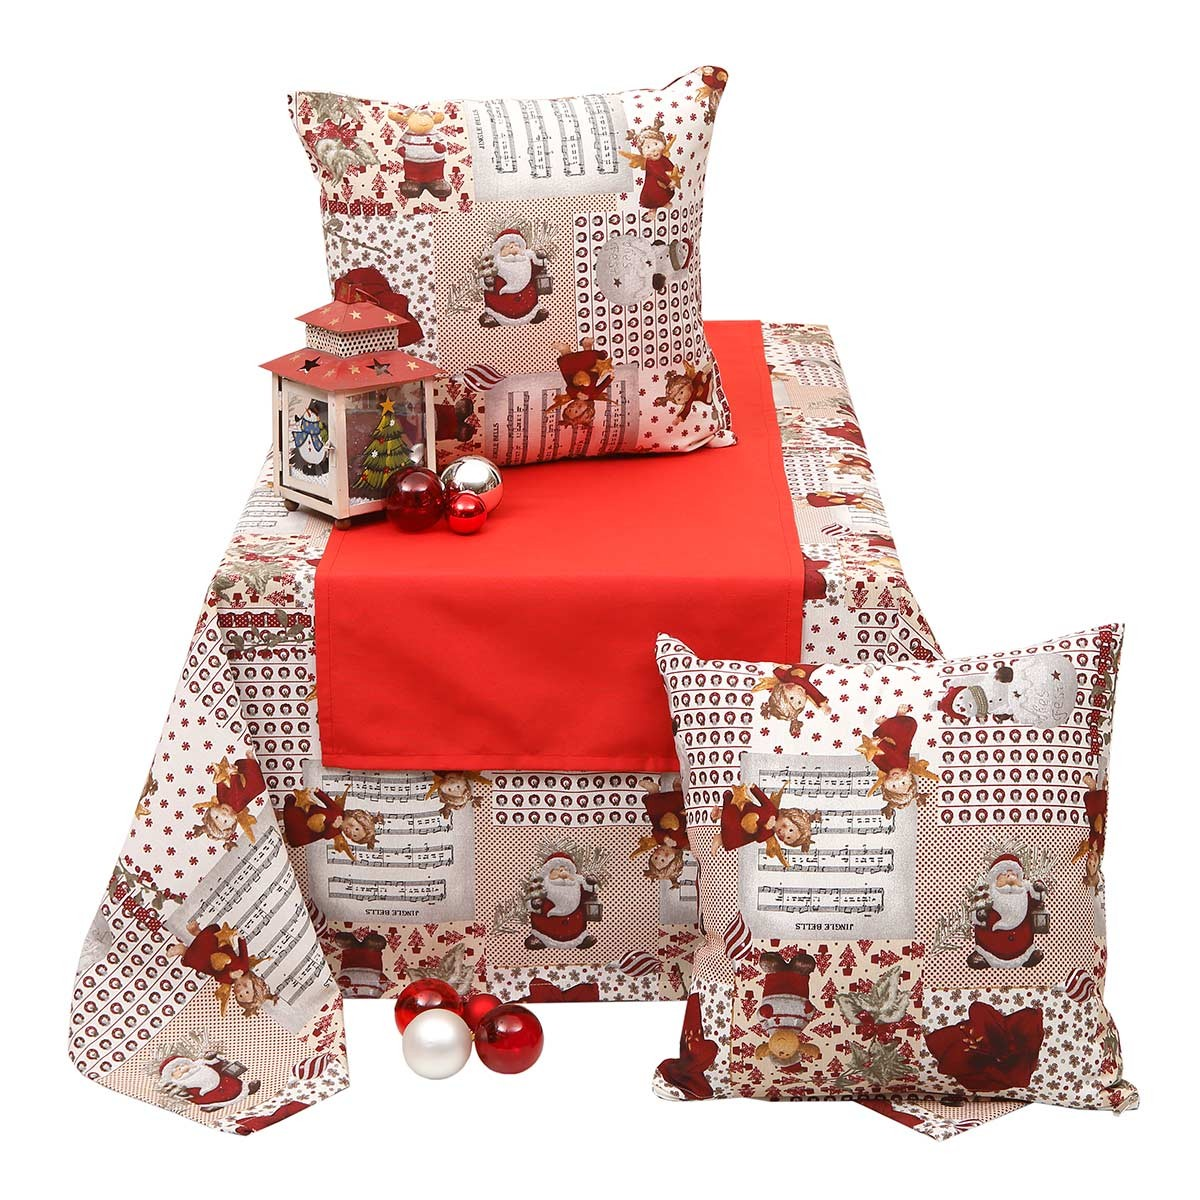 Χριστουγεννιάτικο Τραπεζομάντηλο (140x140) Viopros 4435